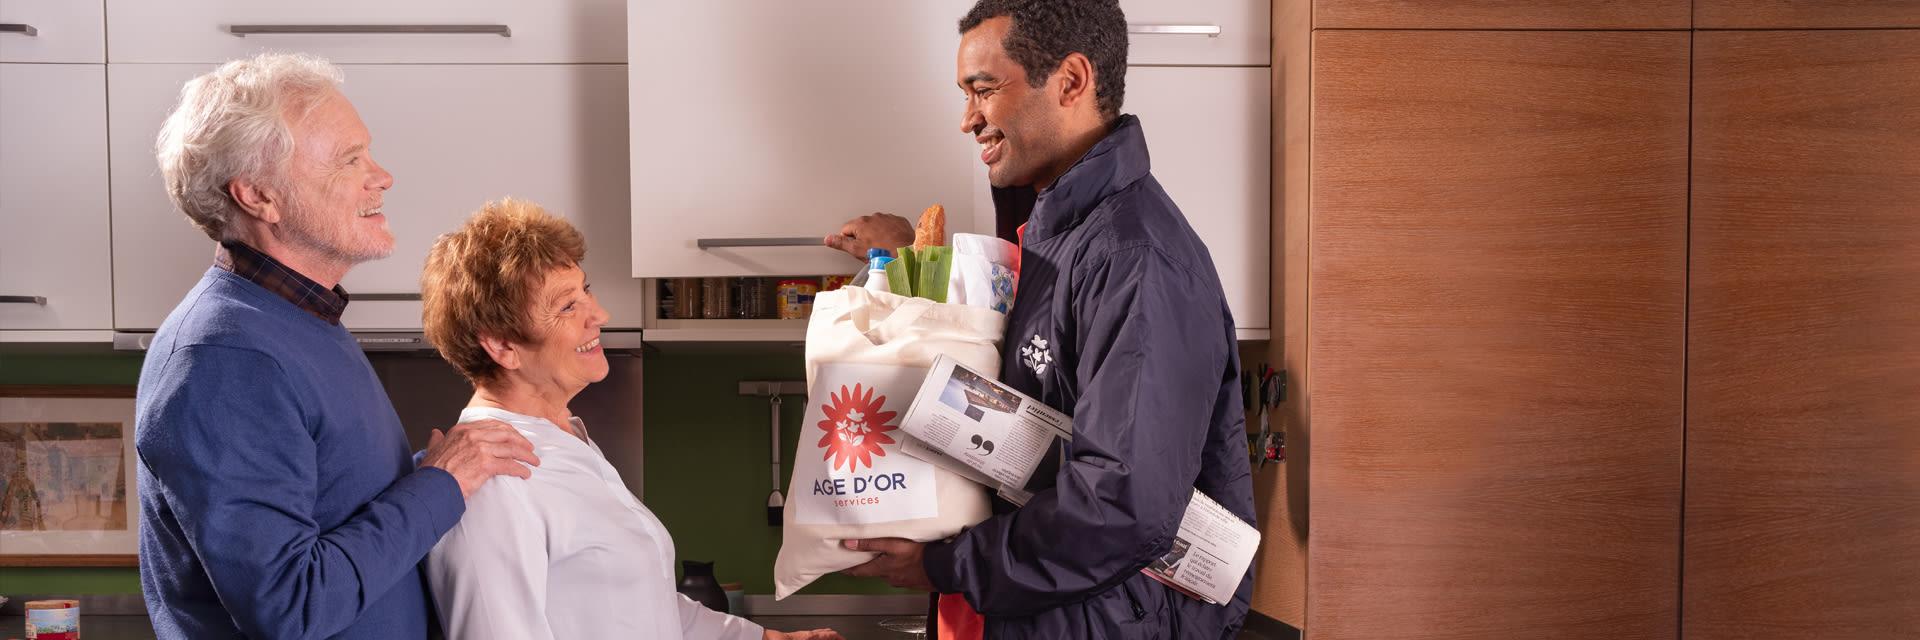 Livraison de courses à domicile pour les personnes agées - Âge d